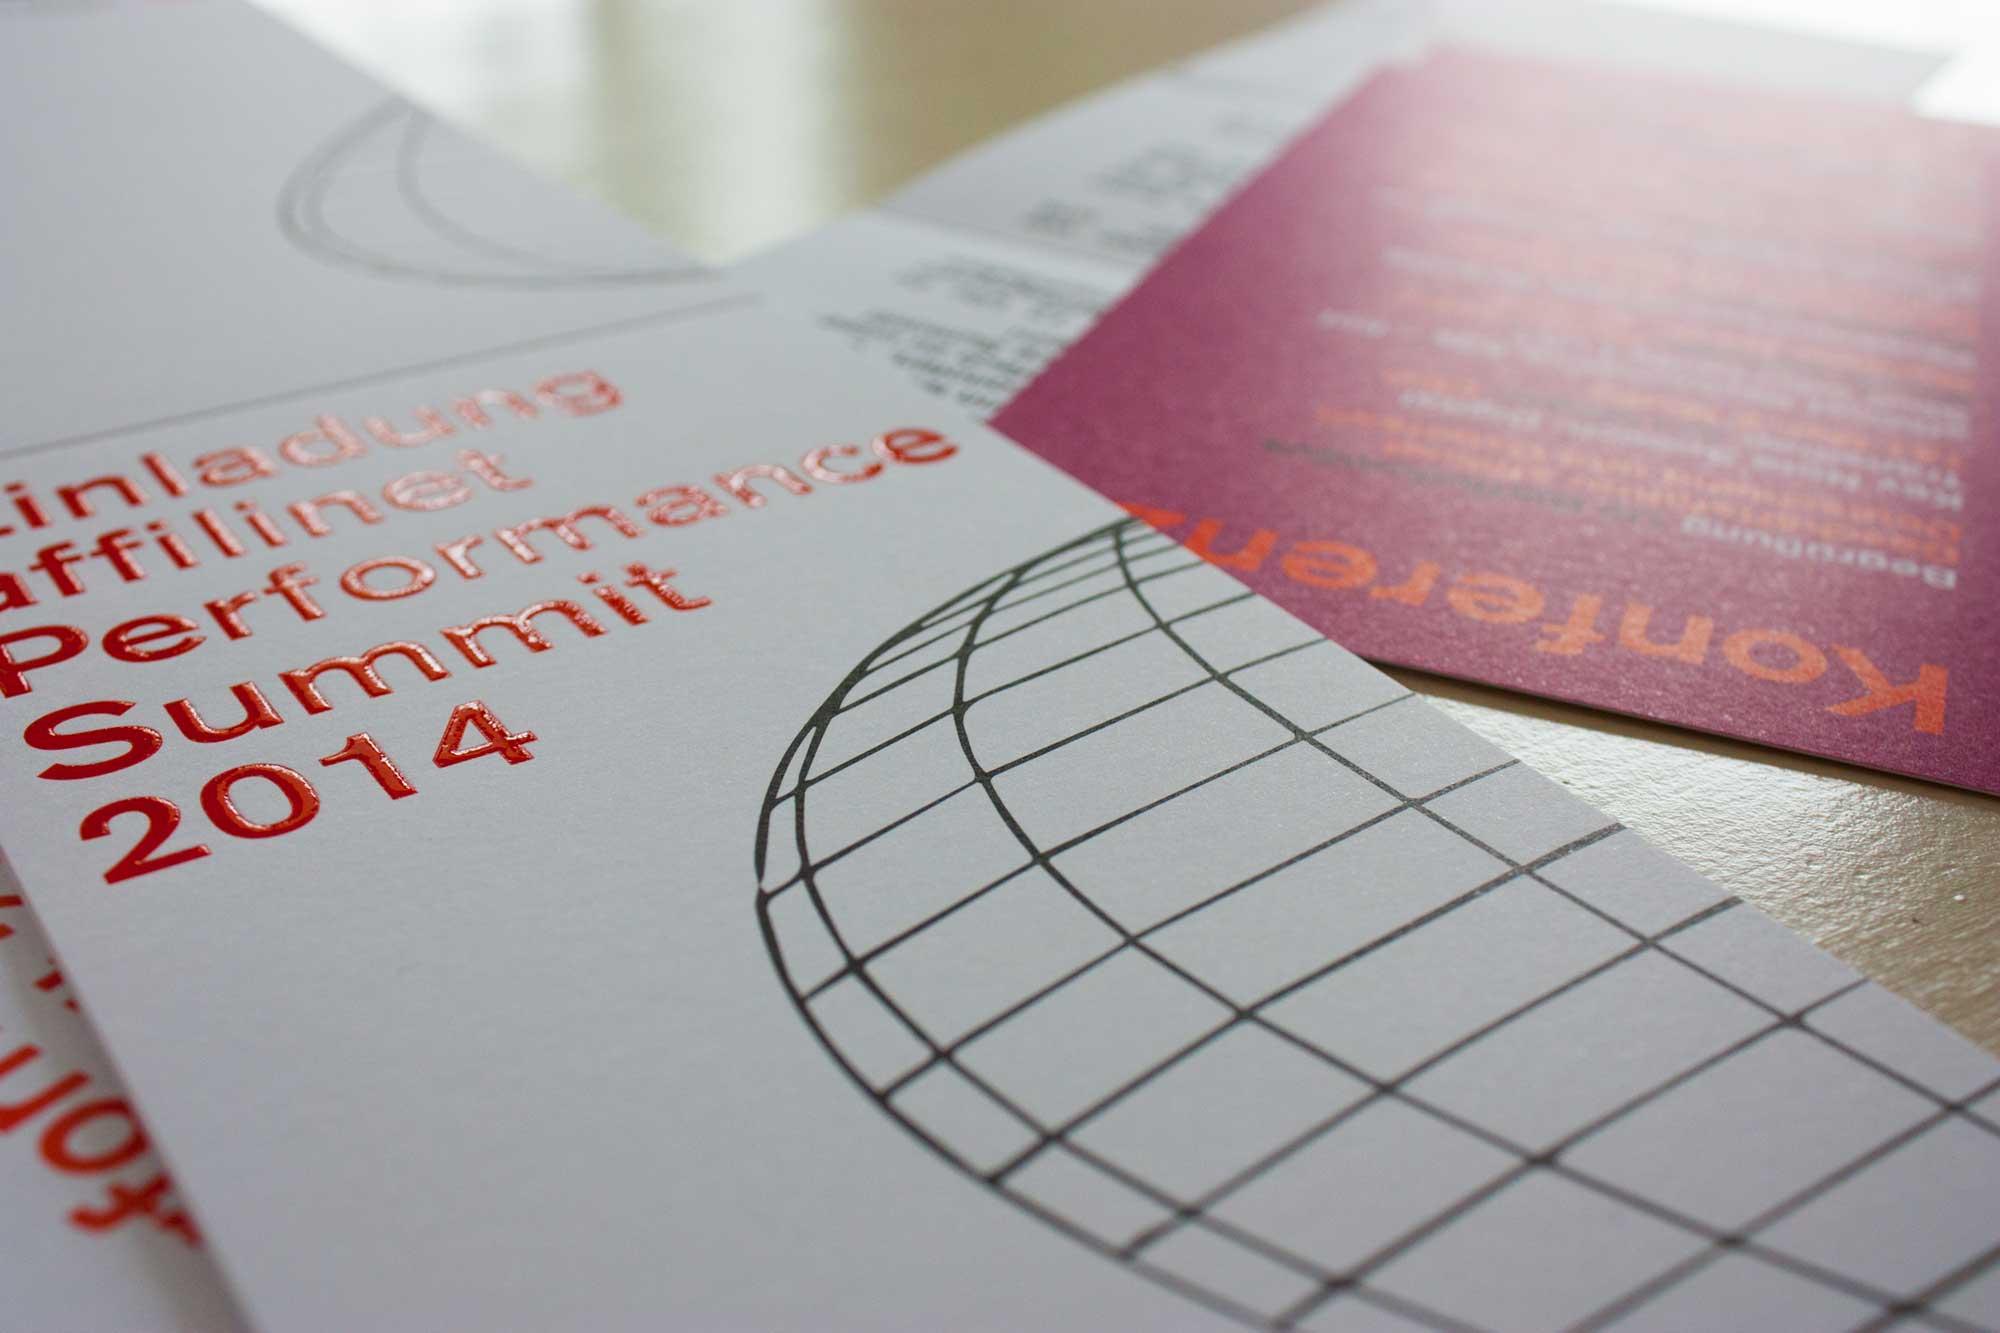 """Einladung und Agenda """"affilinet Performance Summit 2014"""" mit partiellem UV-Lack"""